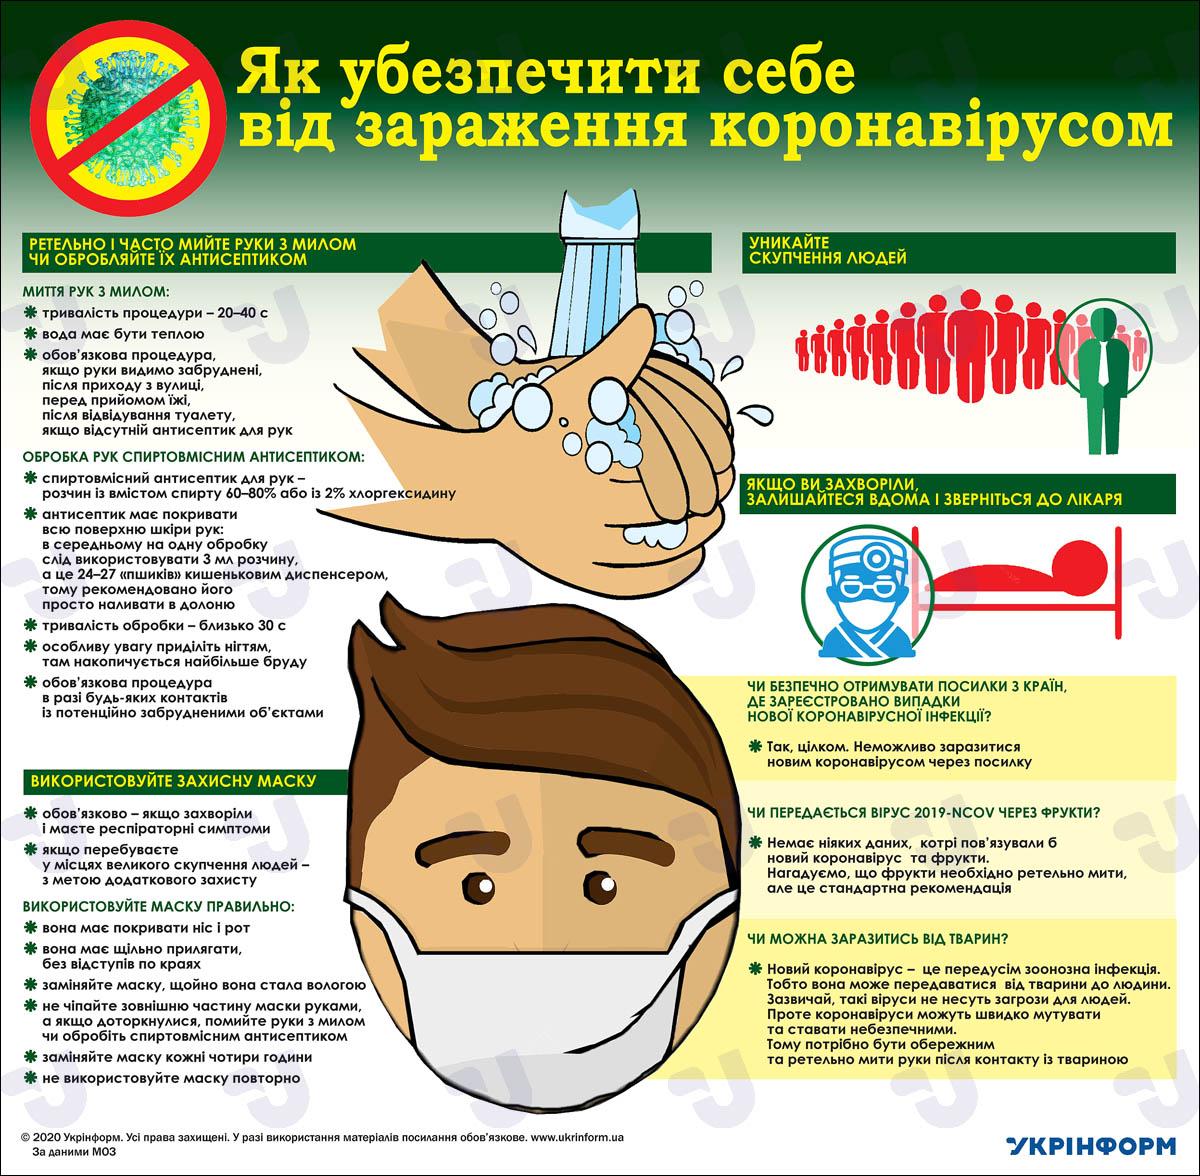 Як убезпечити себе від зараження коронавірусом. Інфографіка